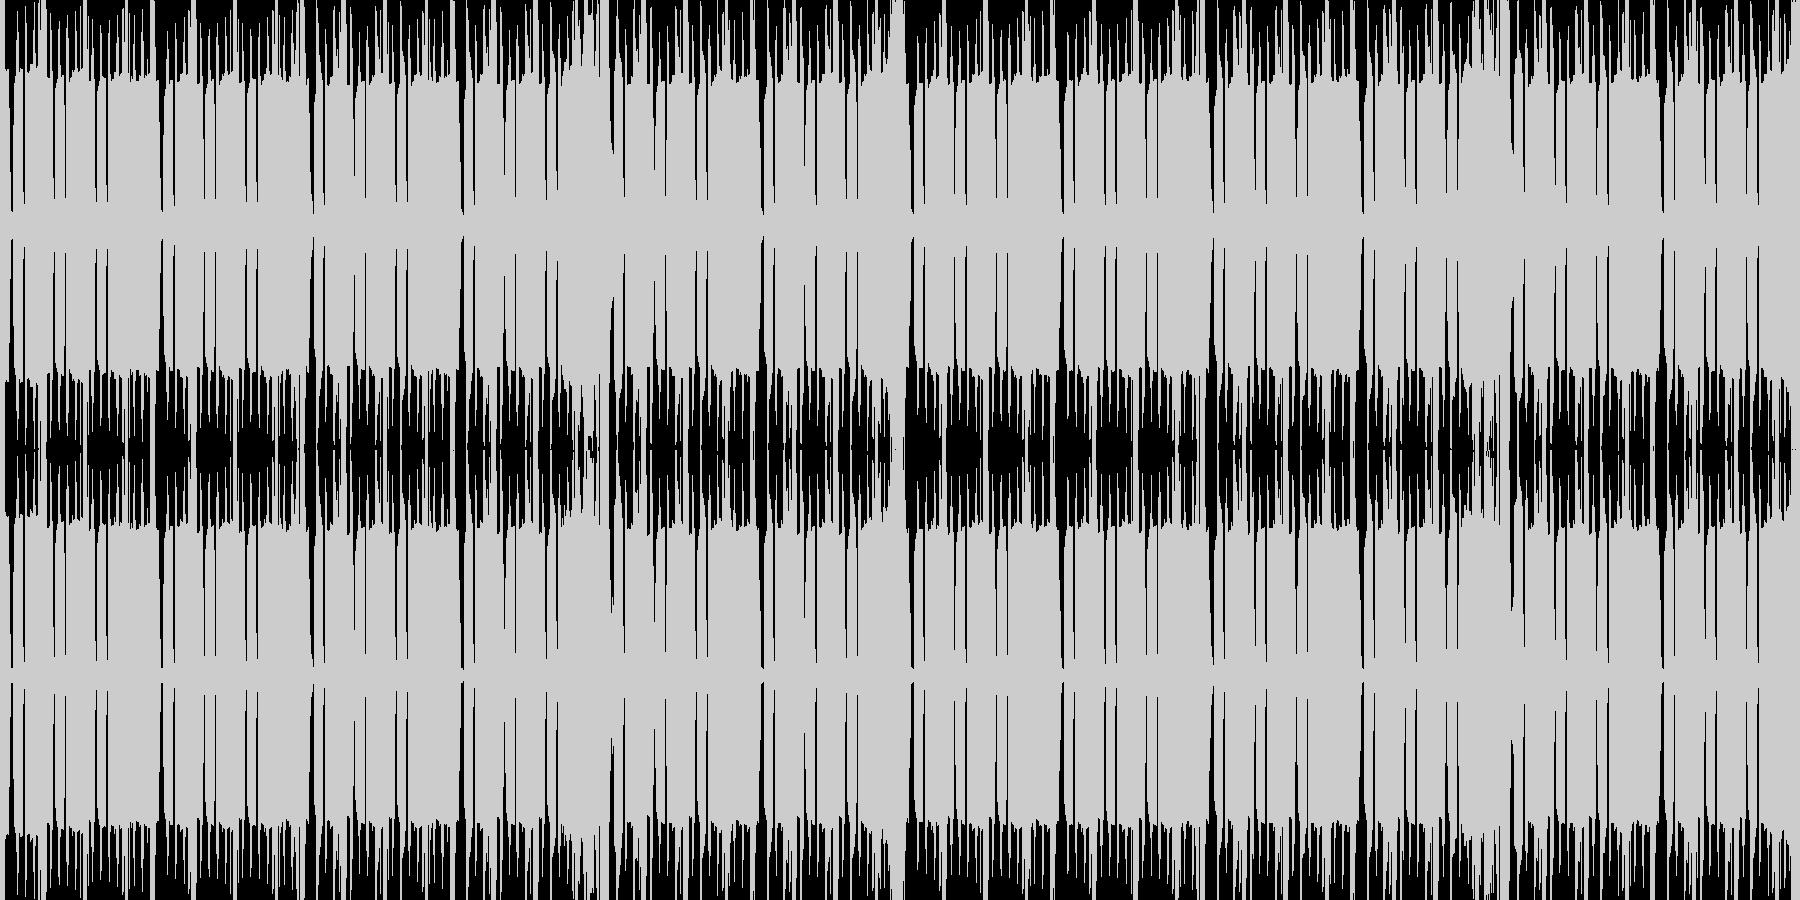 8bit・チップチューン・ピコピコの未再生の波形